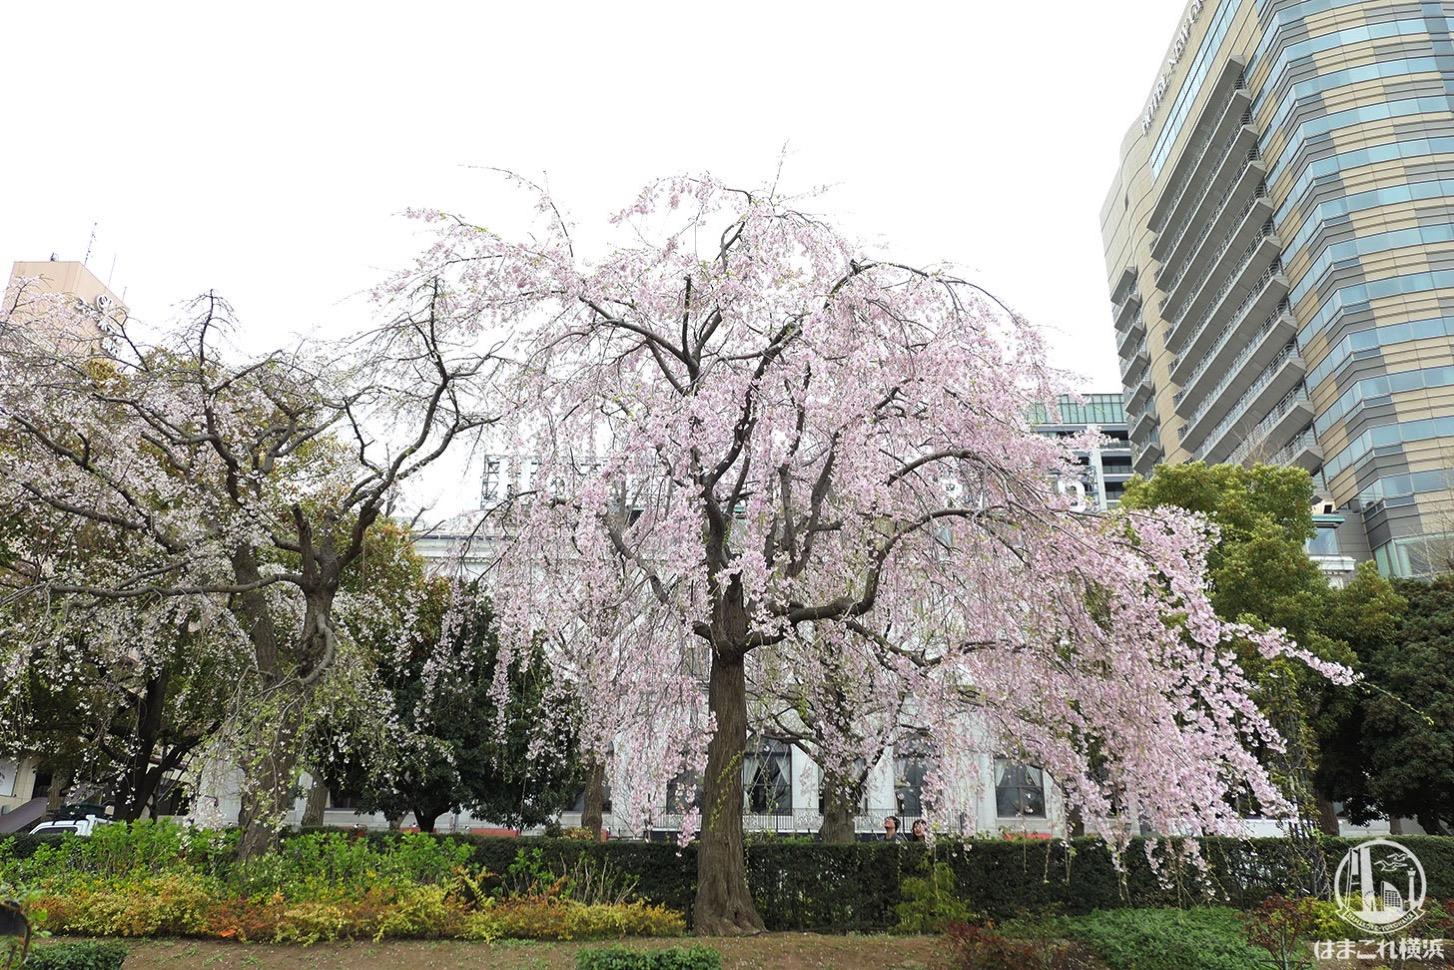 山下公園 しだれ桜 2019年 隣の桜の木は見頃終える